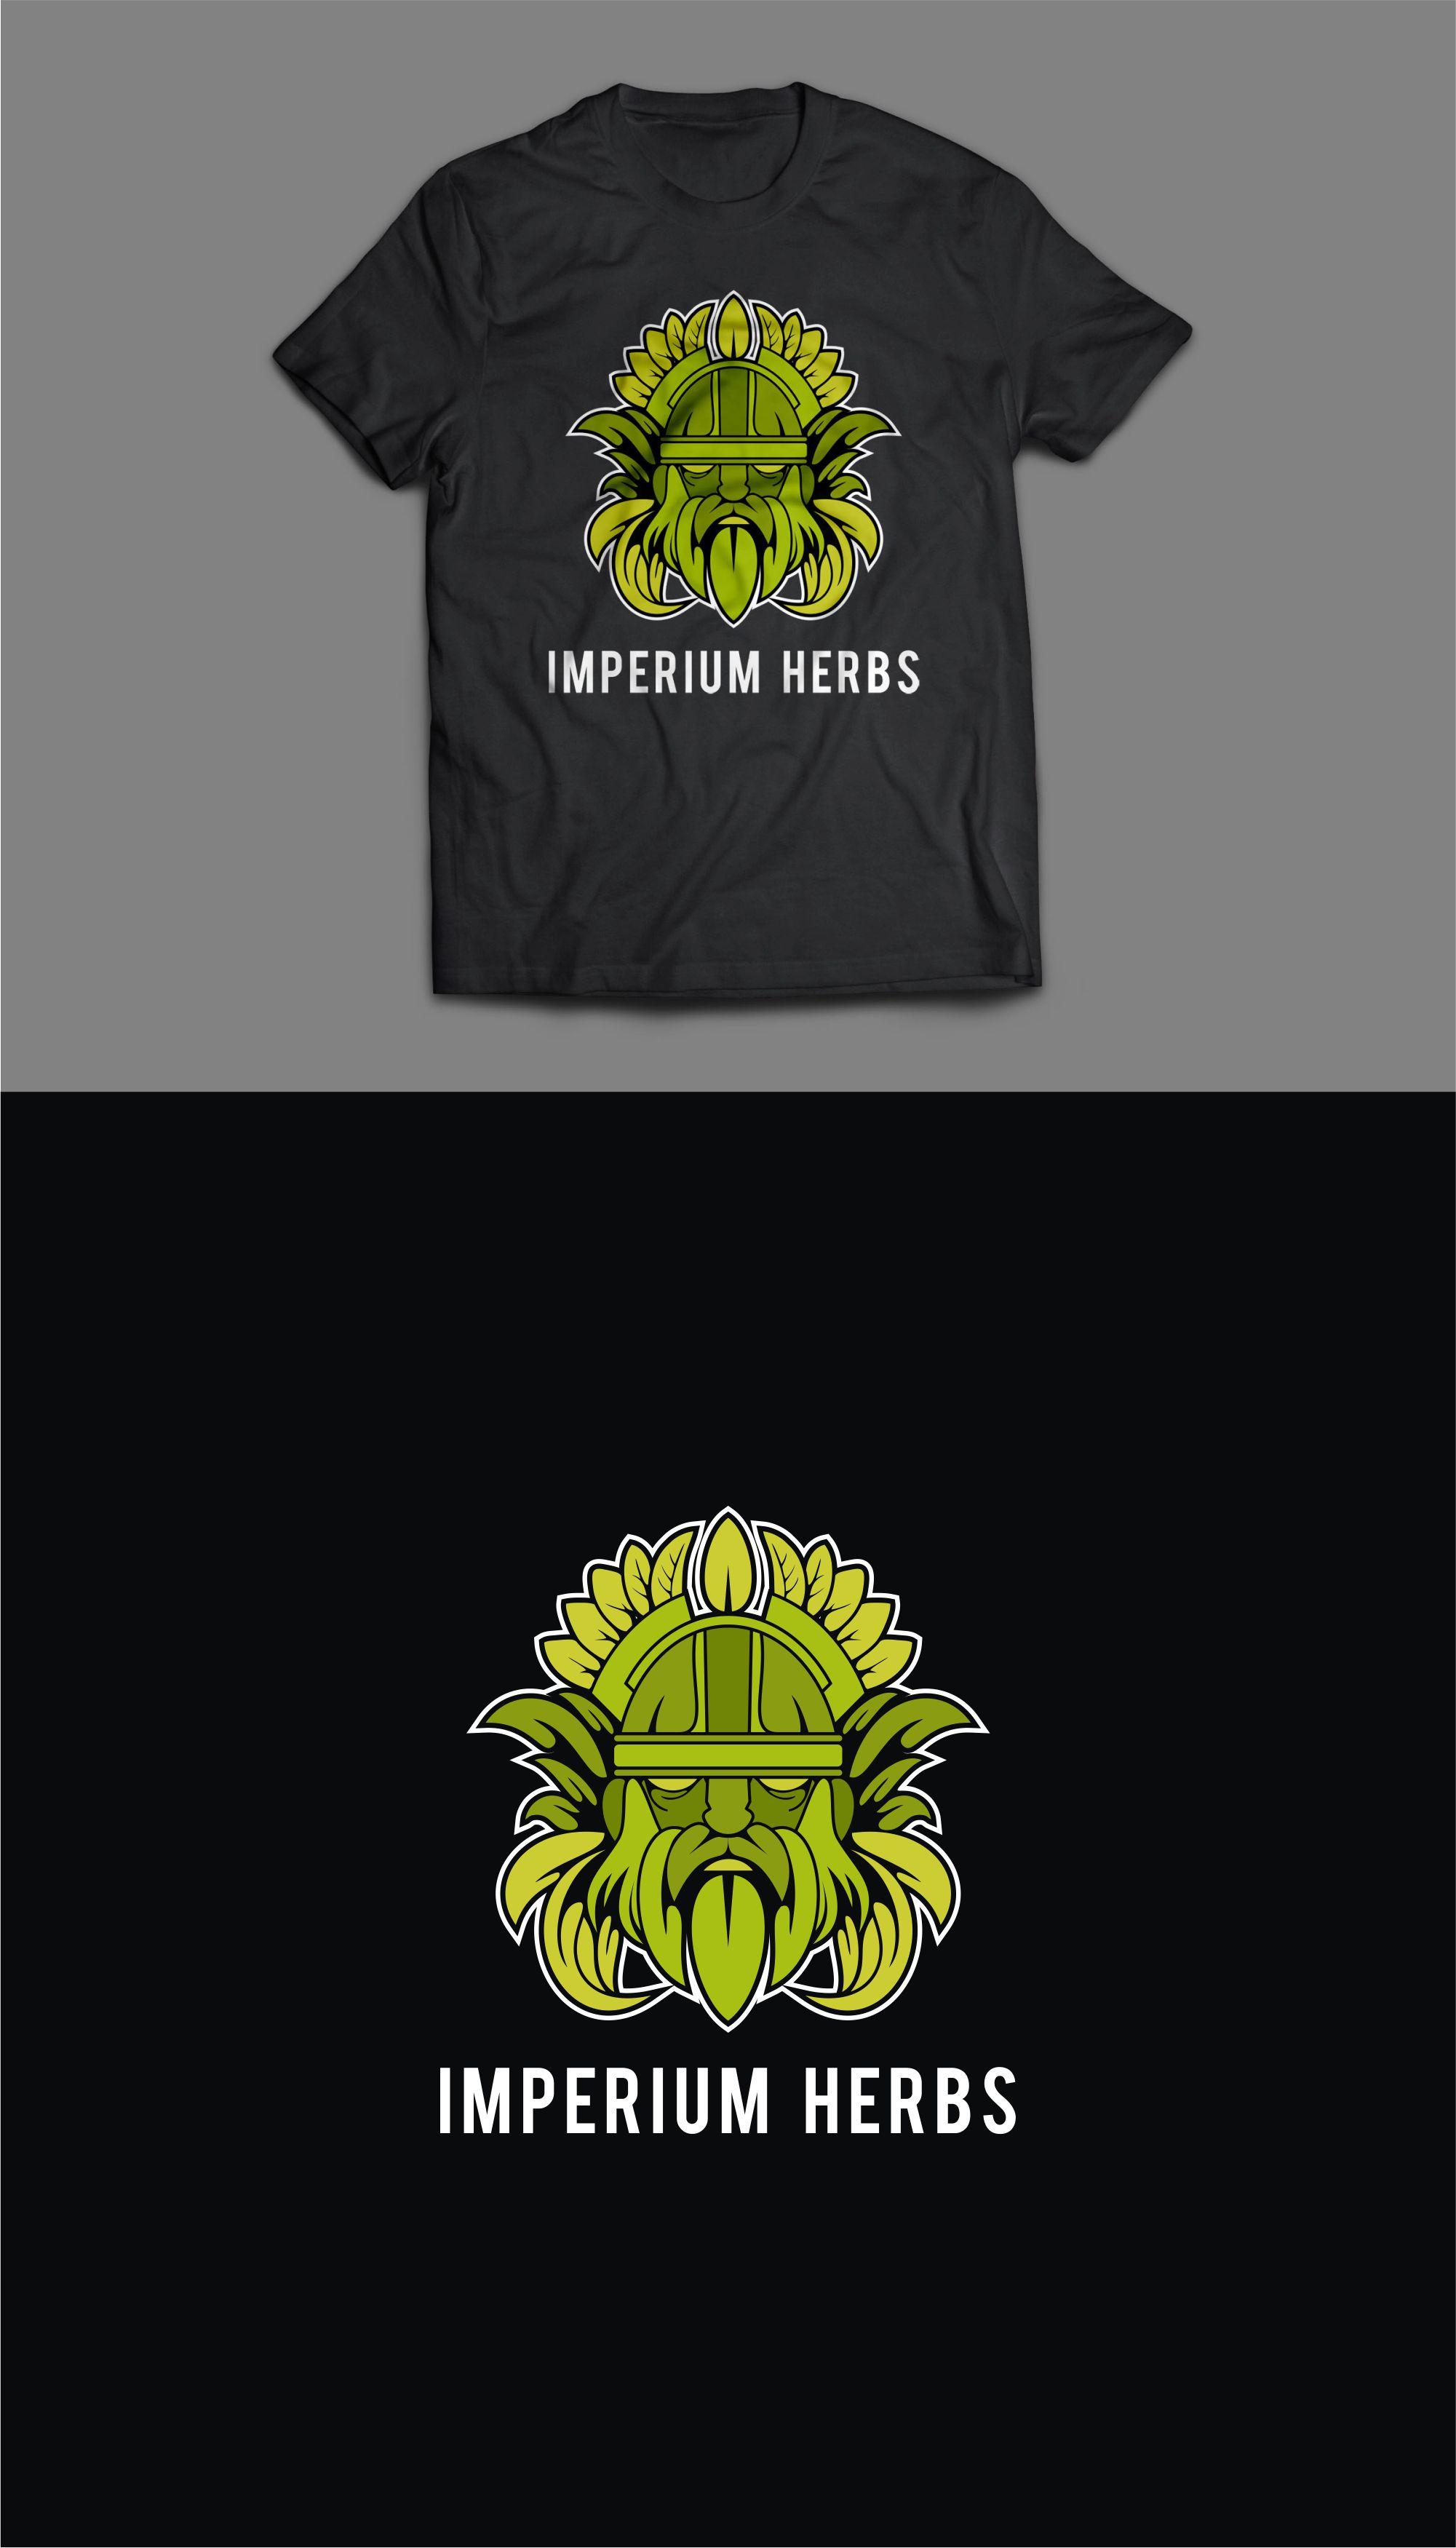 Imperium Herbs